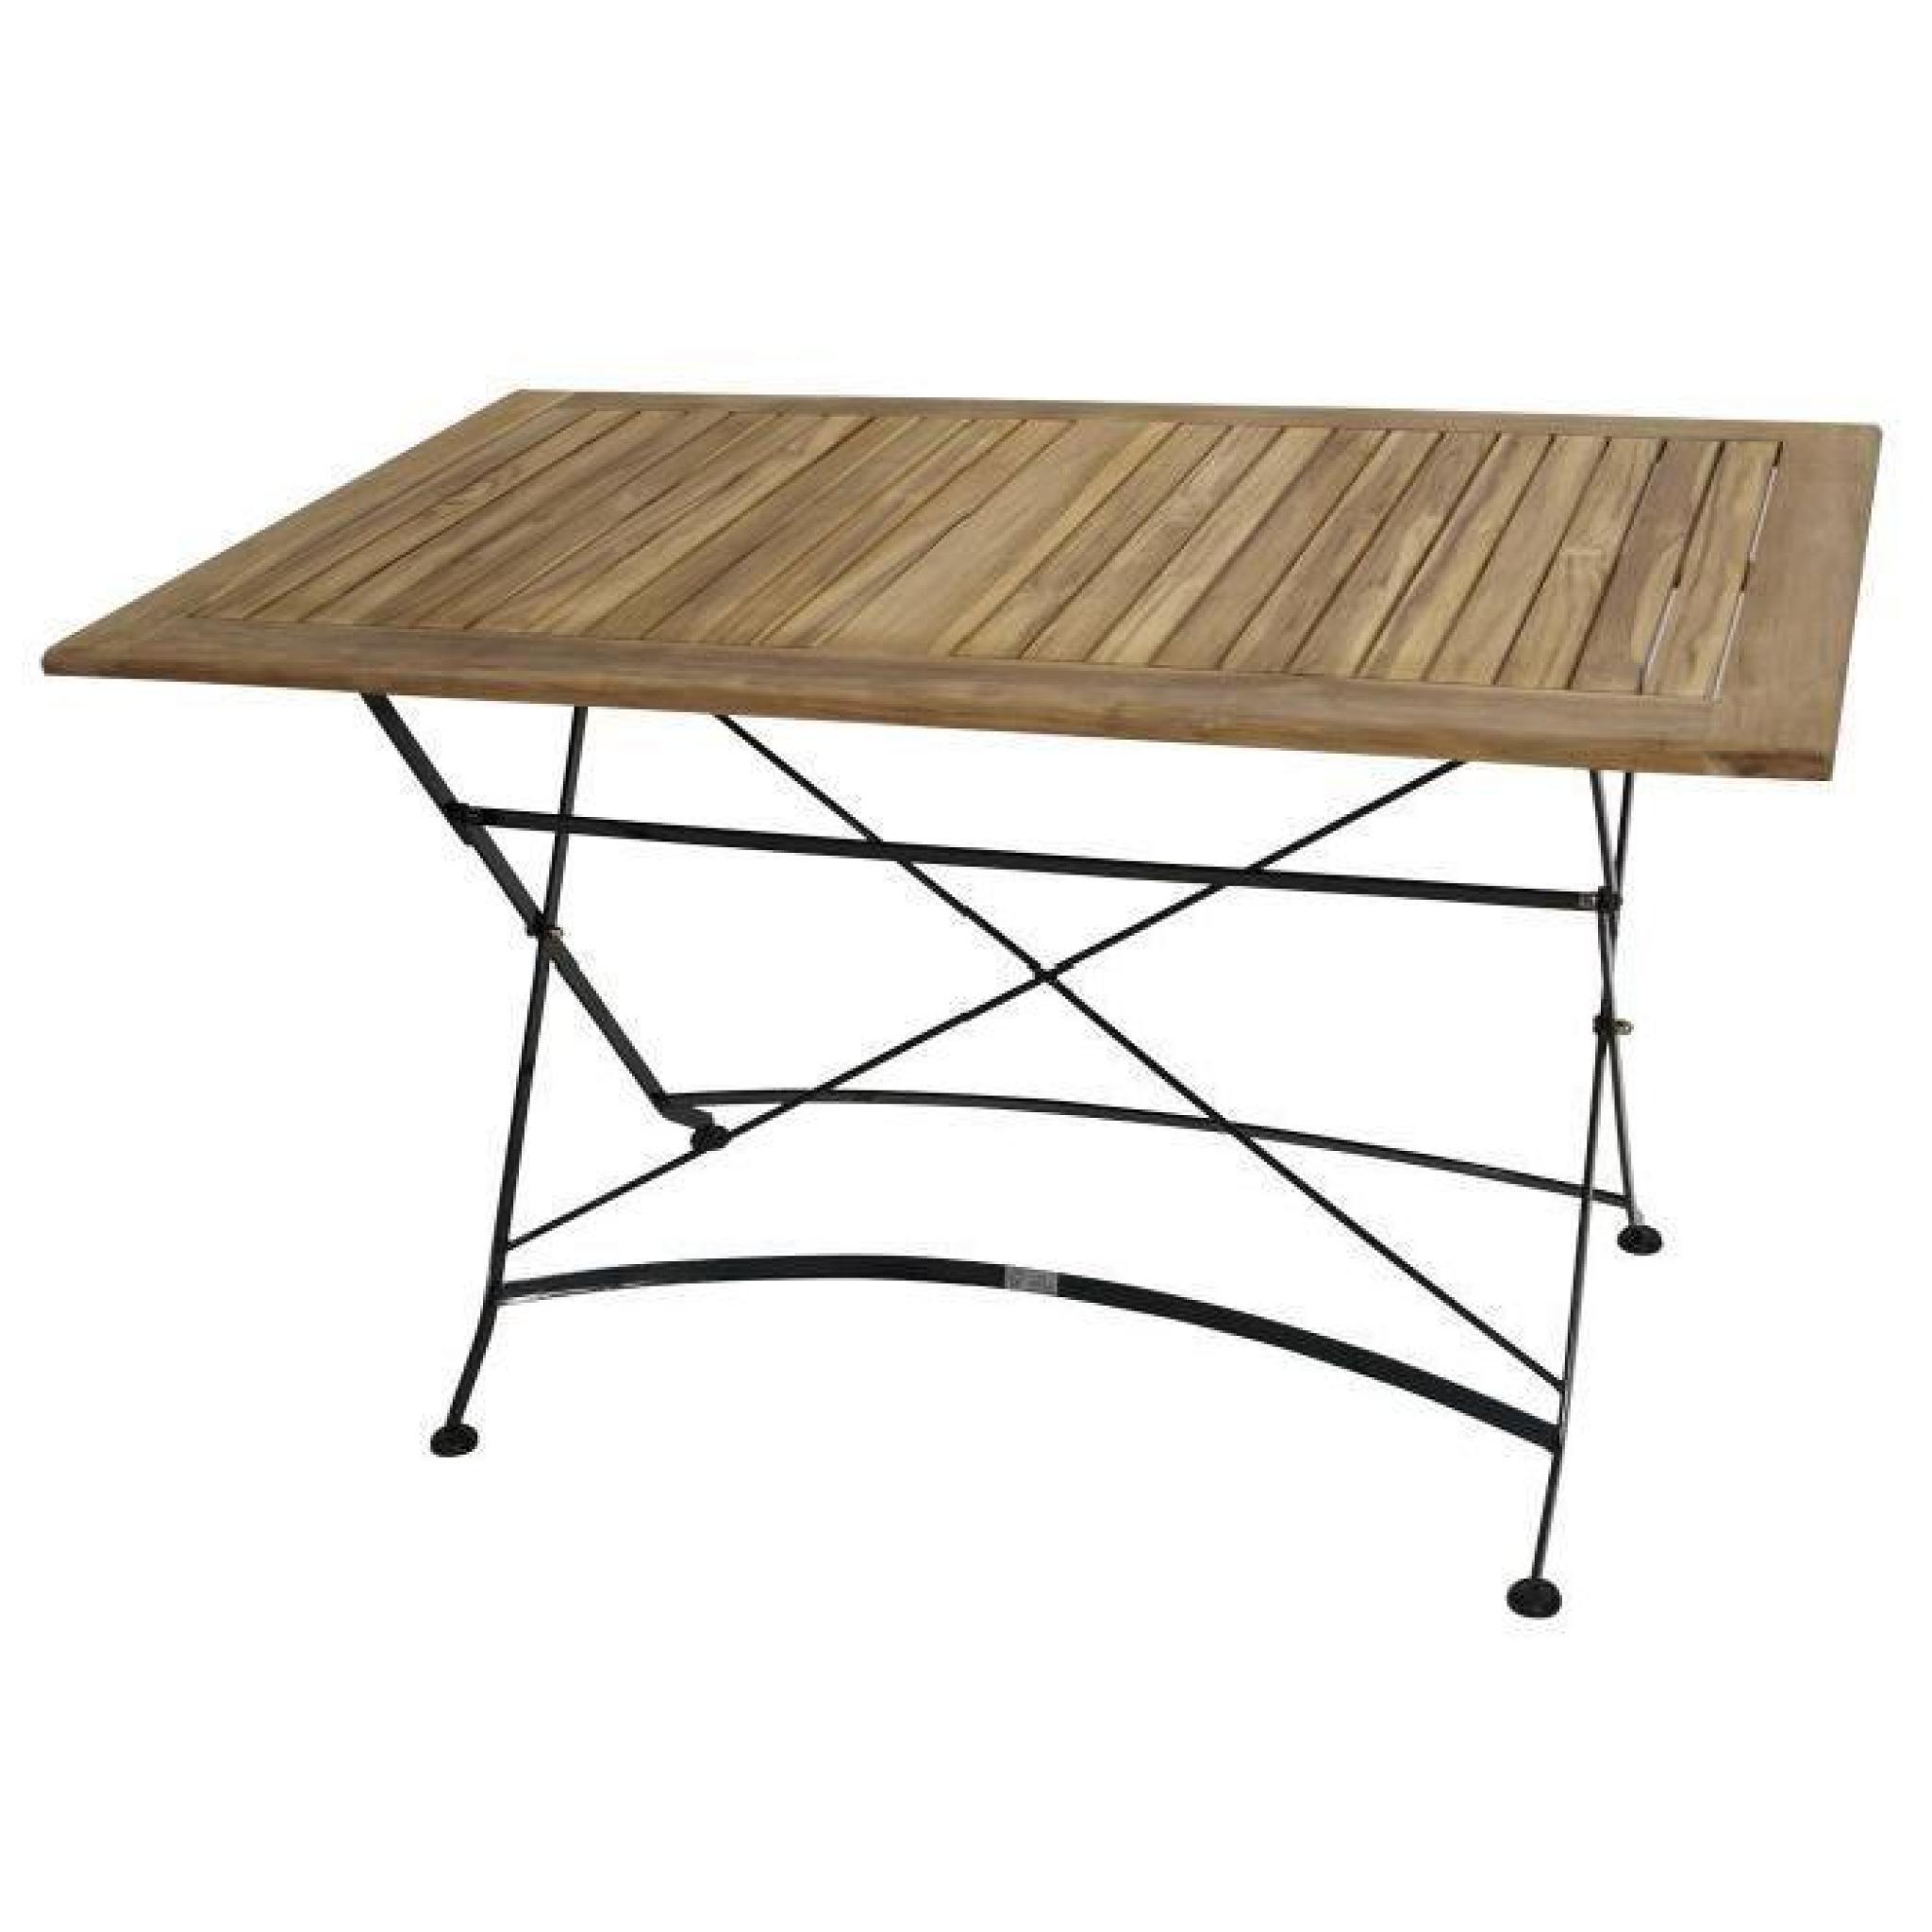 Table Carré Pliante Salon De Jardin 75X125Cm Acier Plat Noir Et Bois Teak  Jakarta concernant Table De Jardin En Bois Pliante Pas Cher